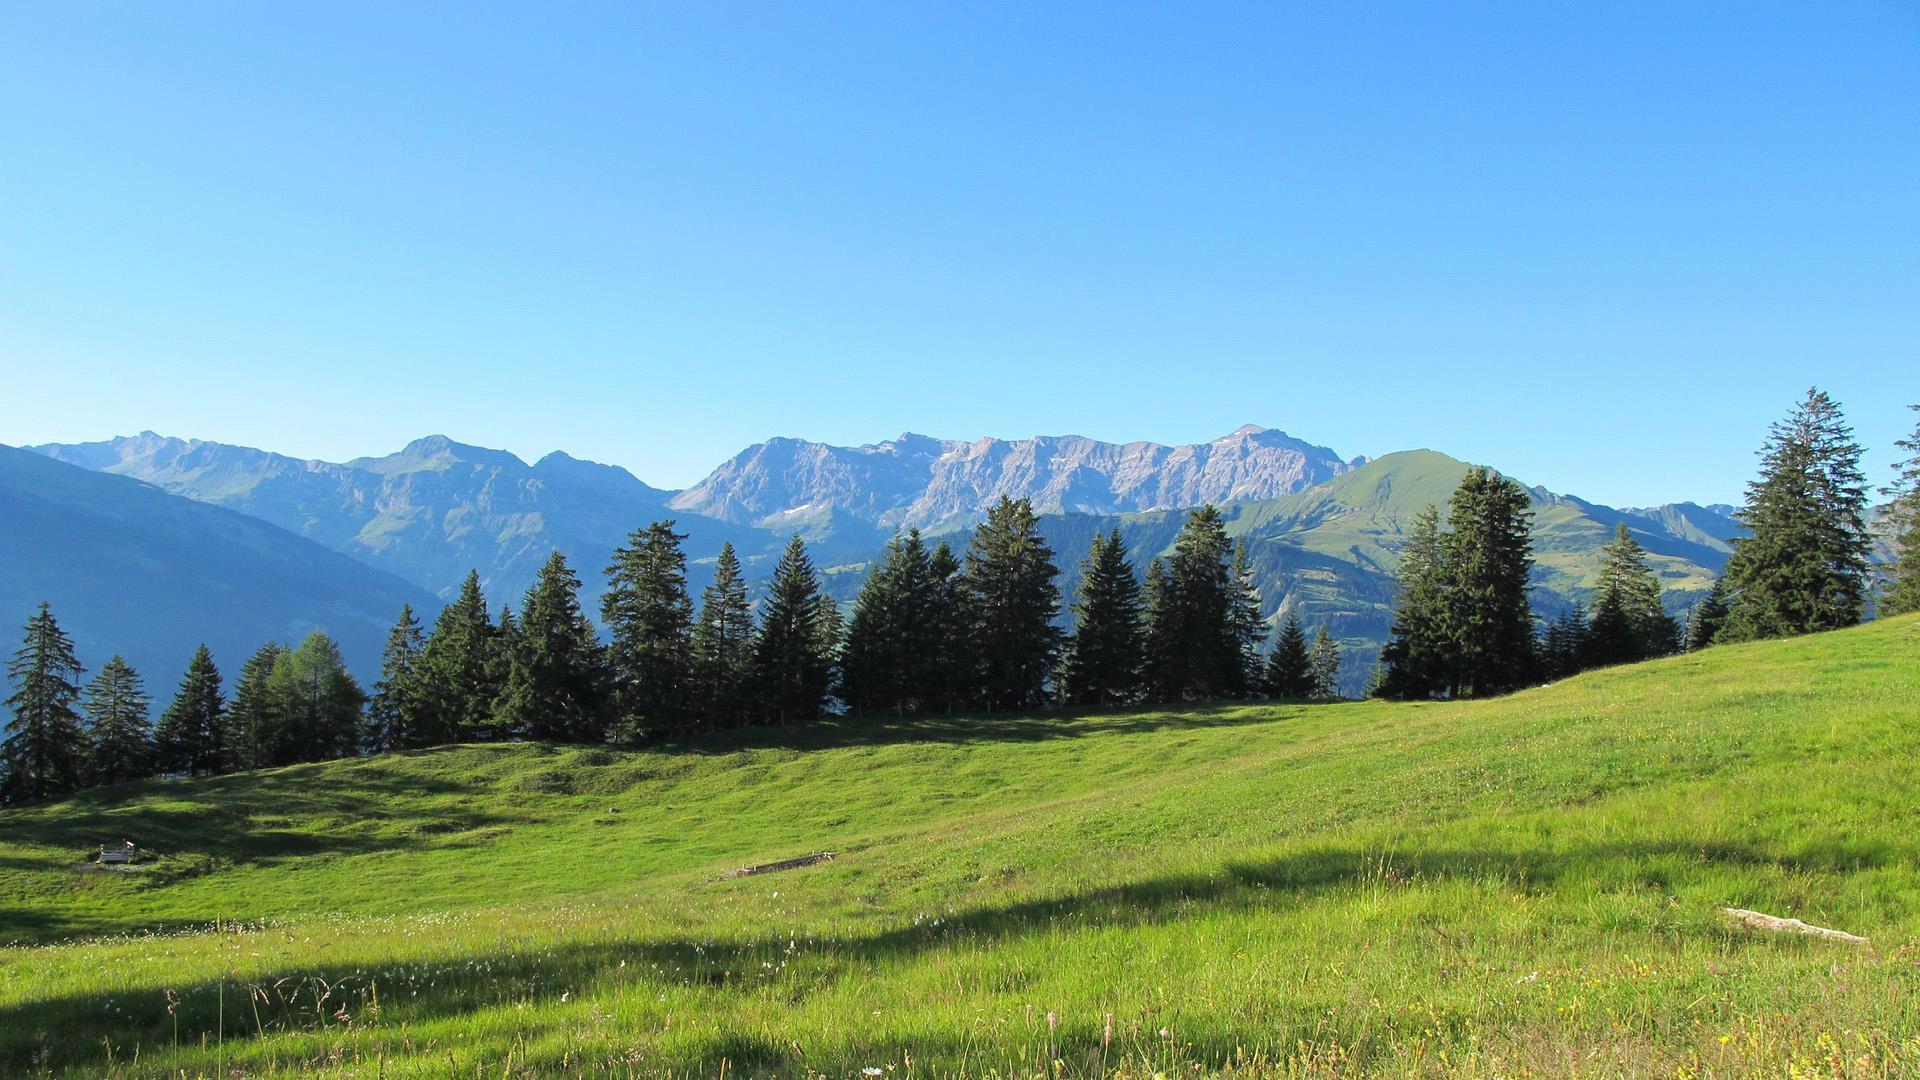 山峰自然风景高清图片桌面壁纸